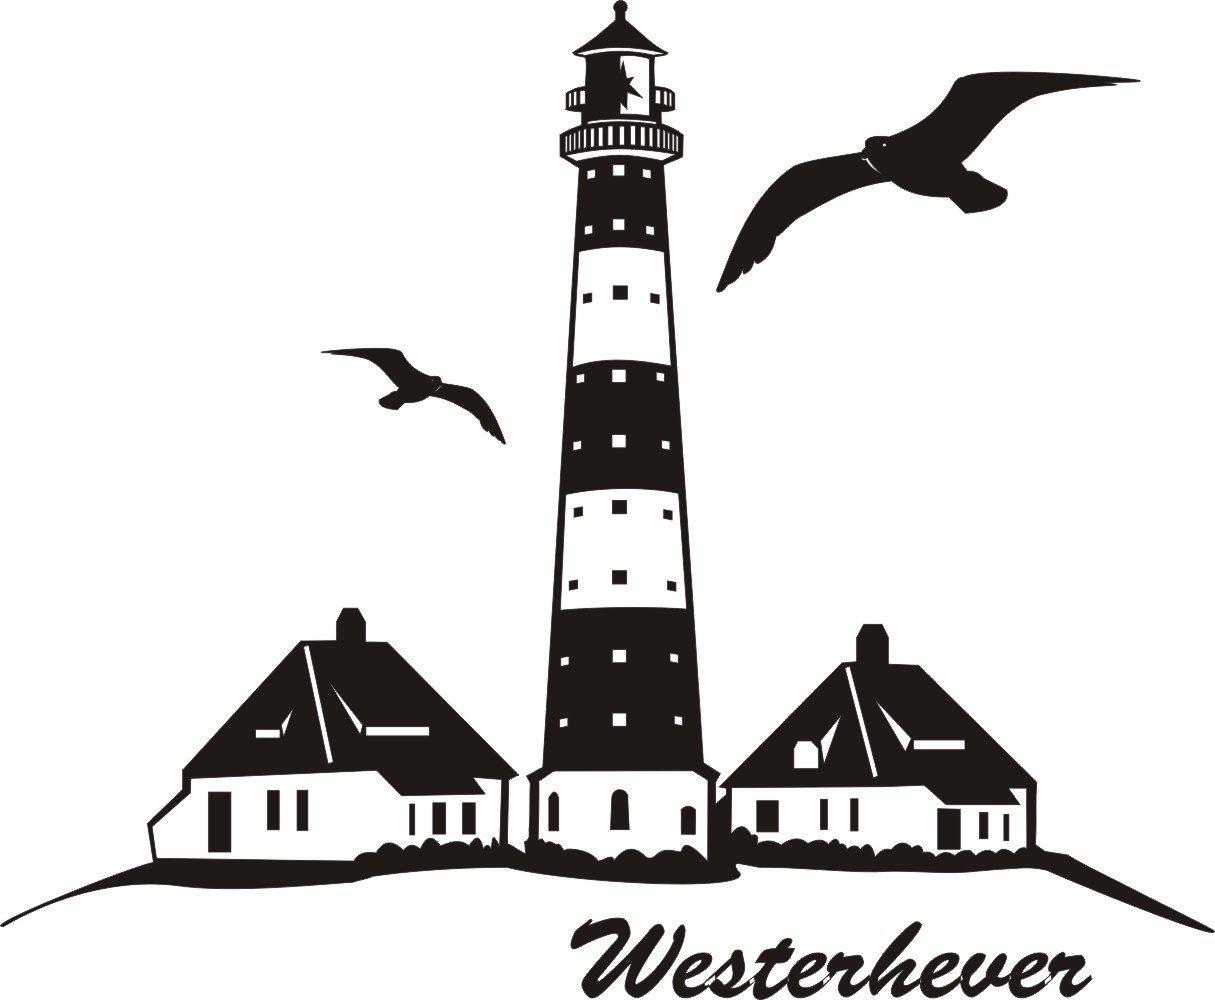 Wandtattoo Westerhever Leuchtturm 740 Mm X 600 Mm M070 Schwarz